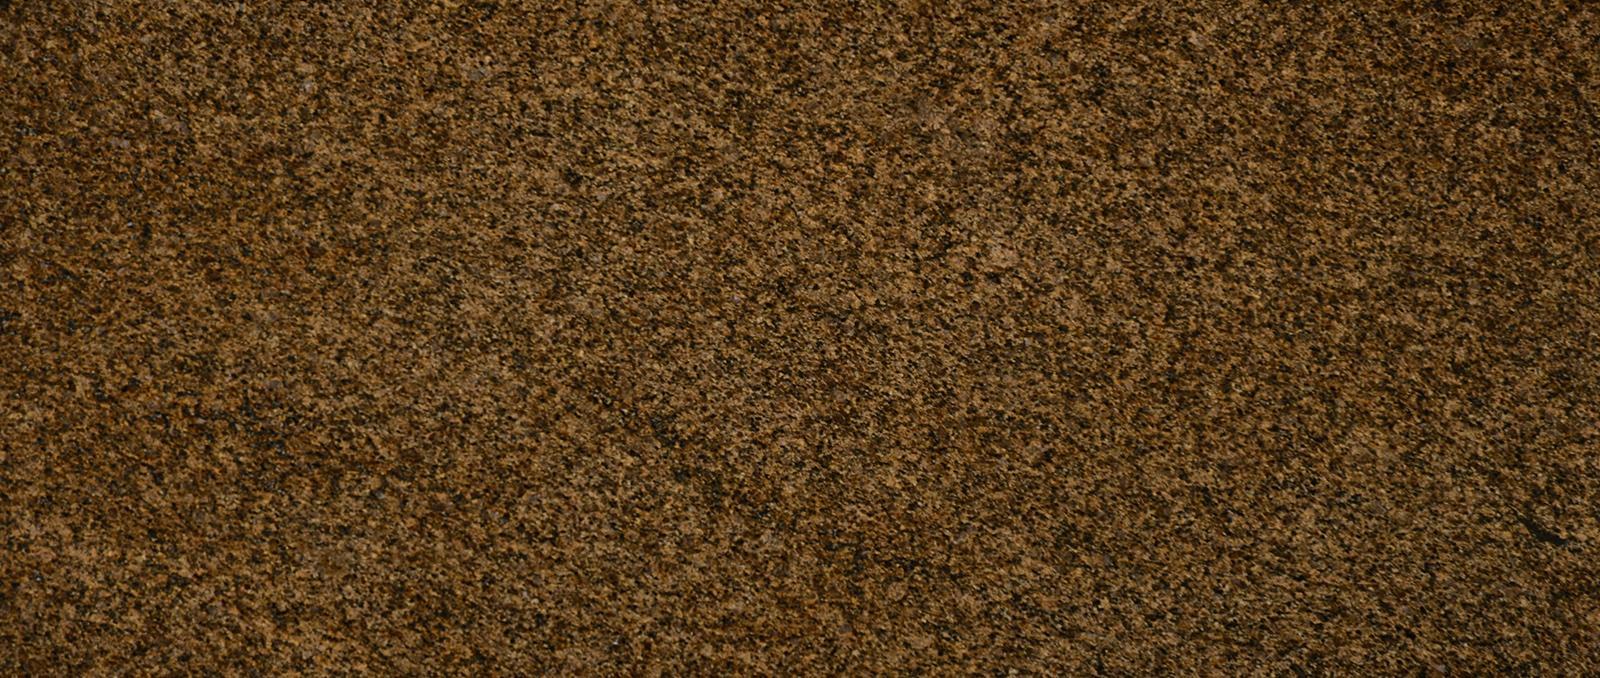 vreaupiatra-granit-tropic-brown-banner